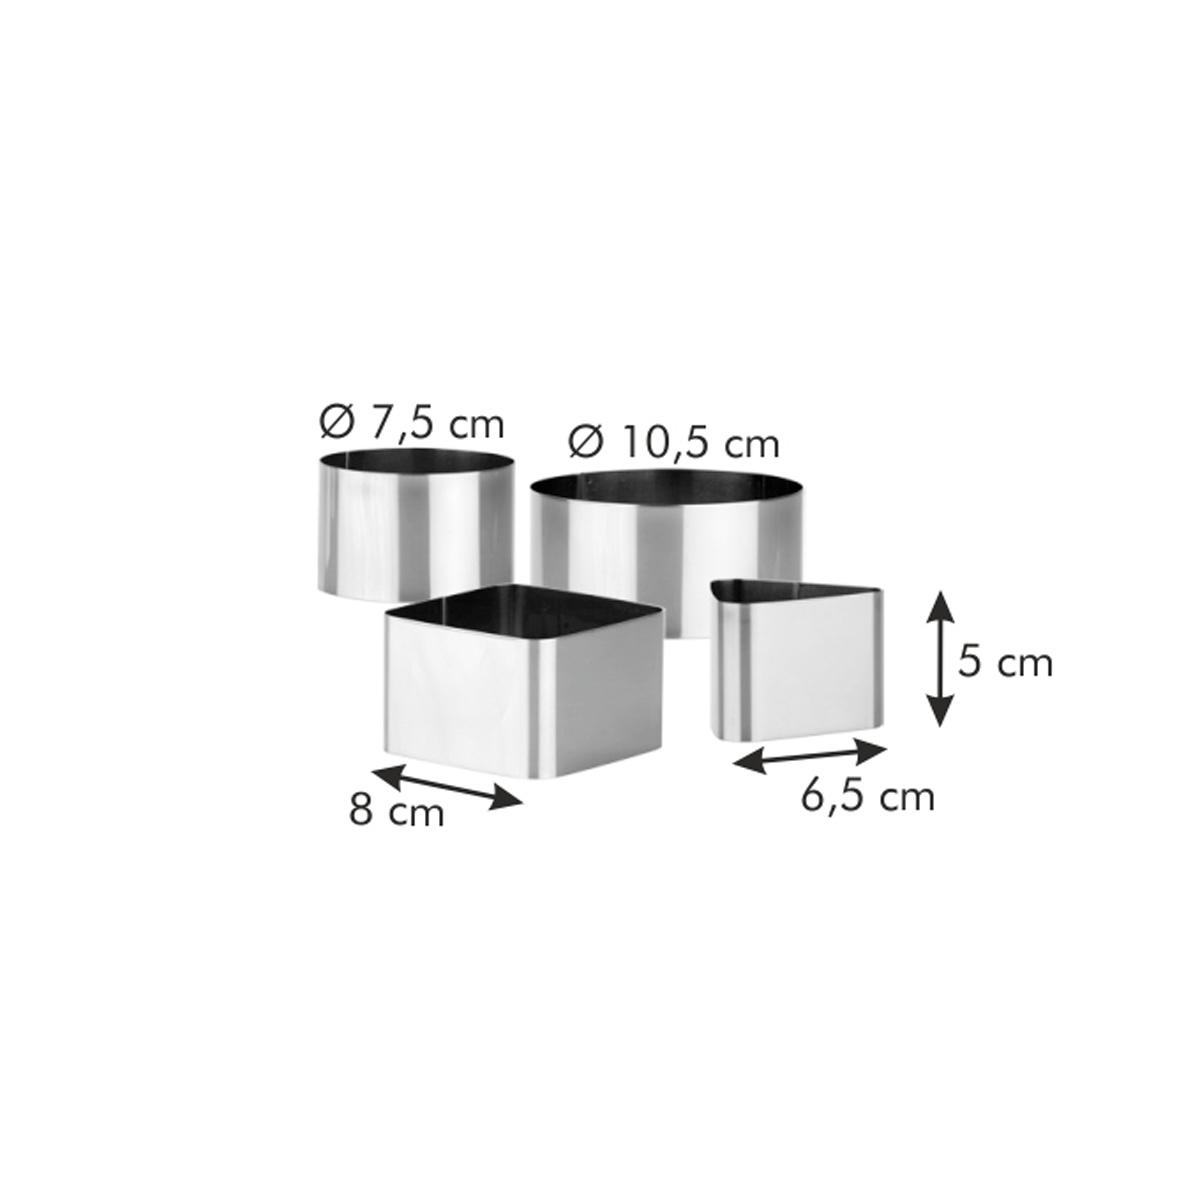 Formičky pro tvarování pokrmů GrandCHEF, 4 ks